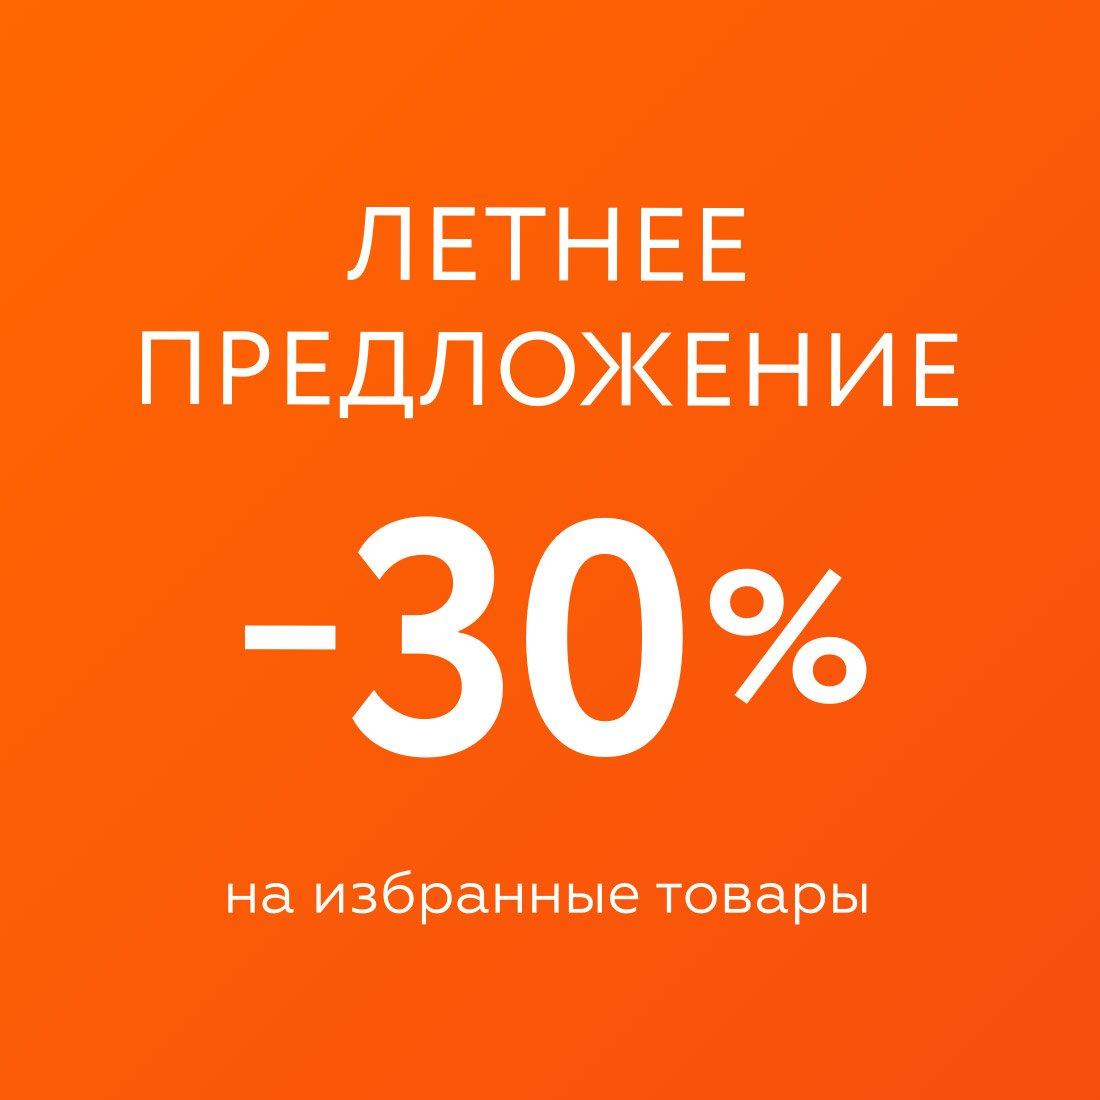 74a6e8a779d1 ЦУМ - интернет-магазин одежды, обуви и аксессуаров ведущих мировых ...